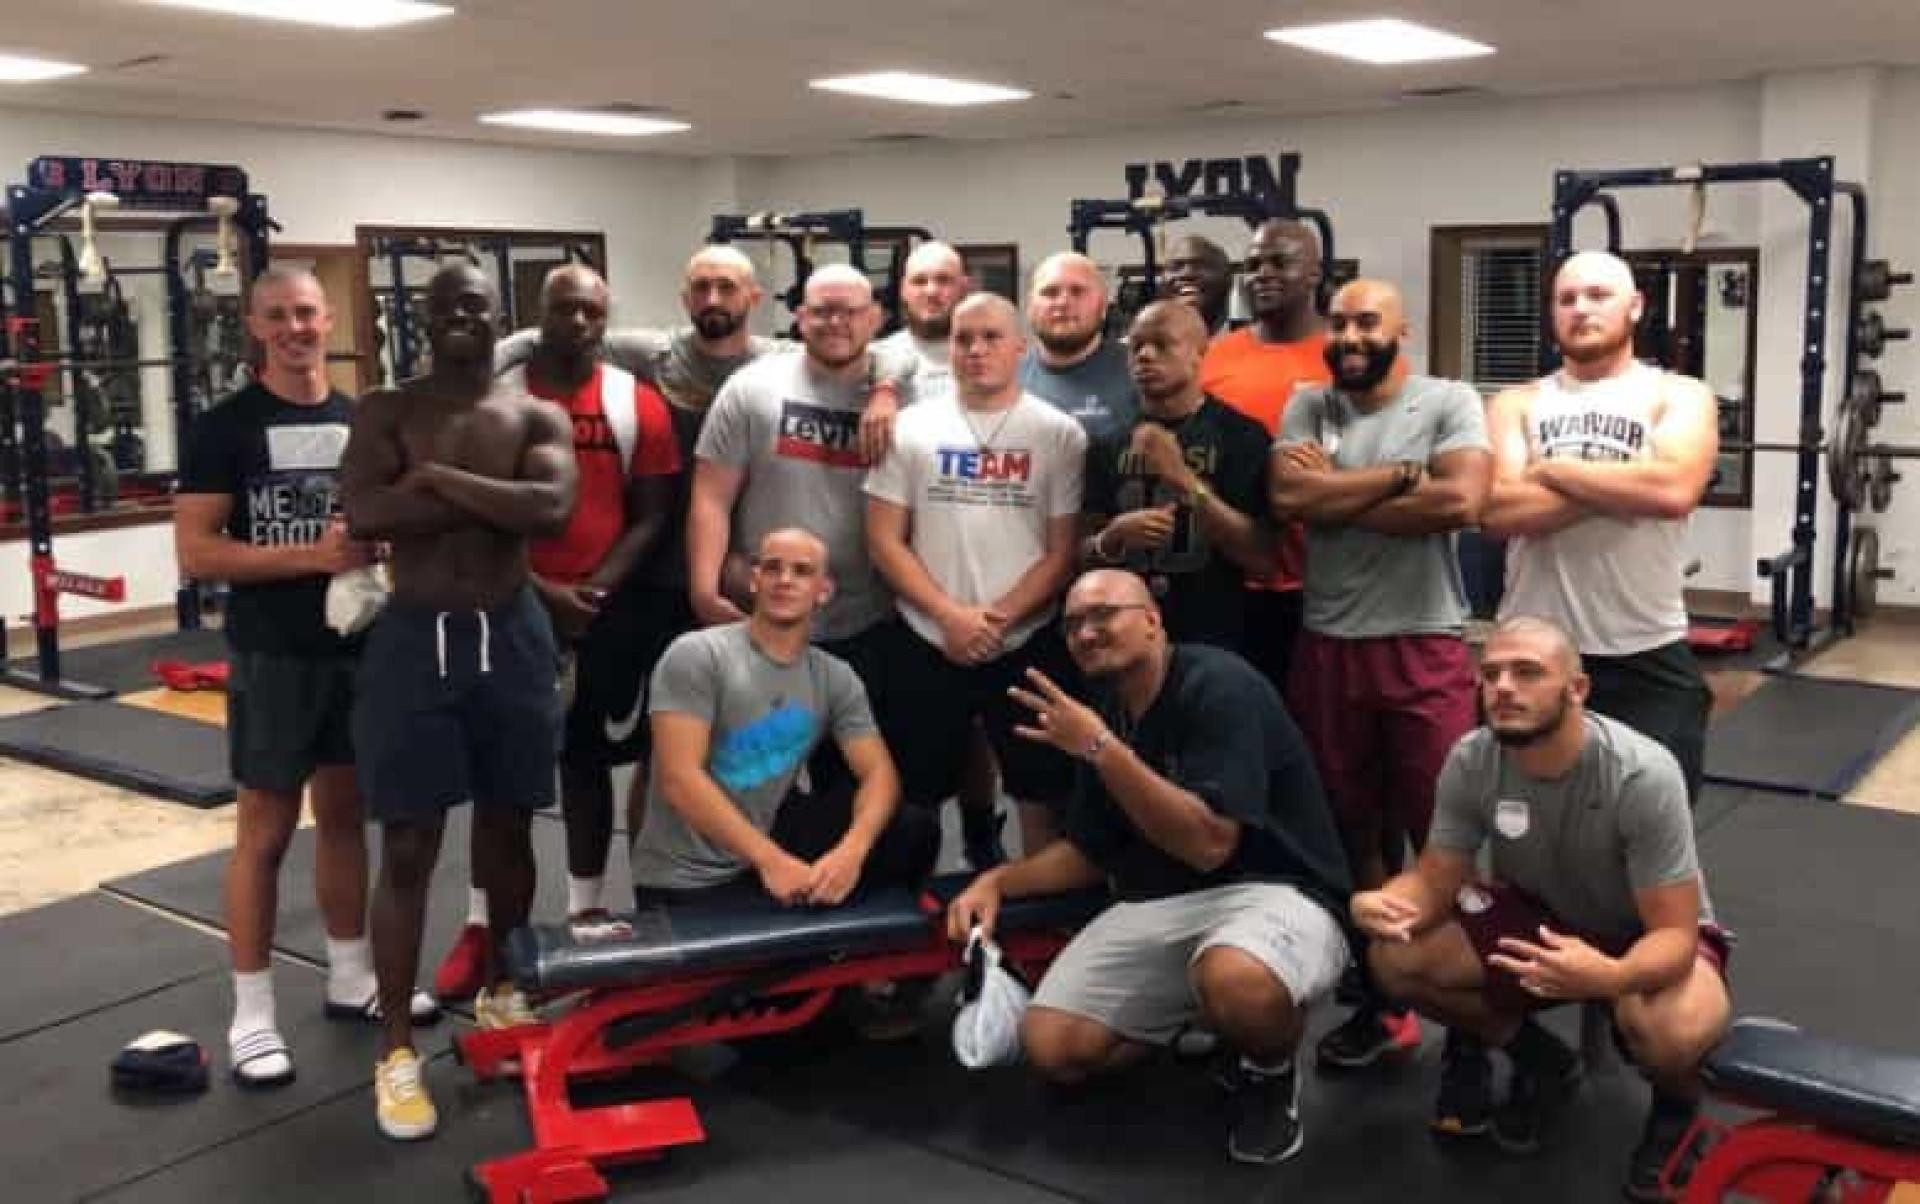 Solidários com técnico com cancro, jogadores de futebol rapam o cabelo